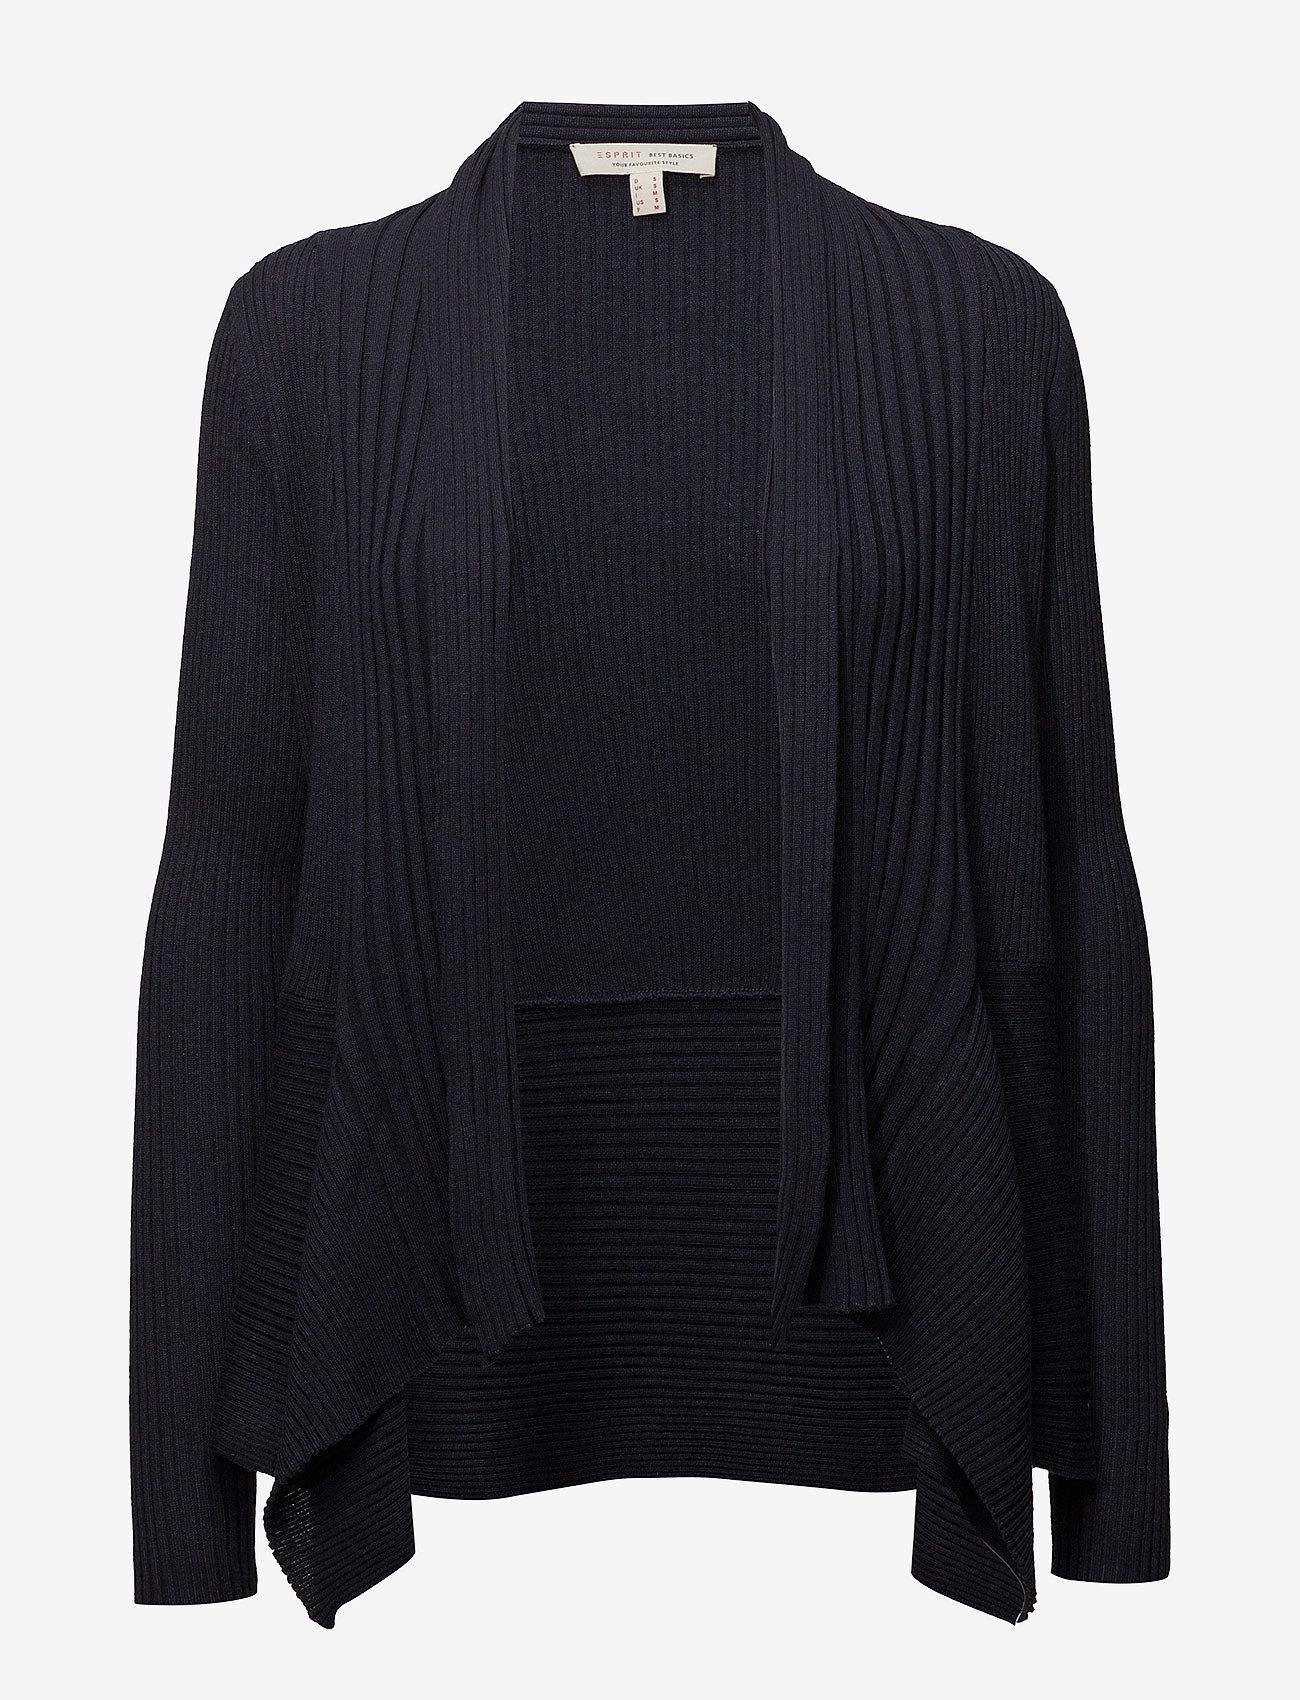 Esprit Casual - Sweaters cardigan - vesten - navy 5 - 0